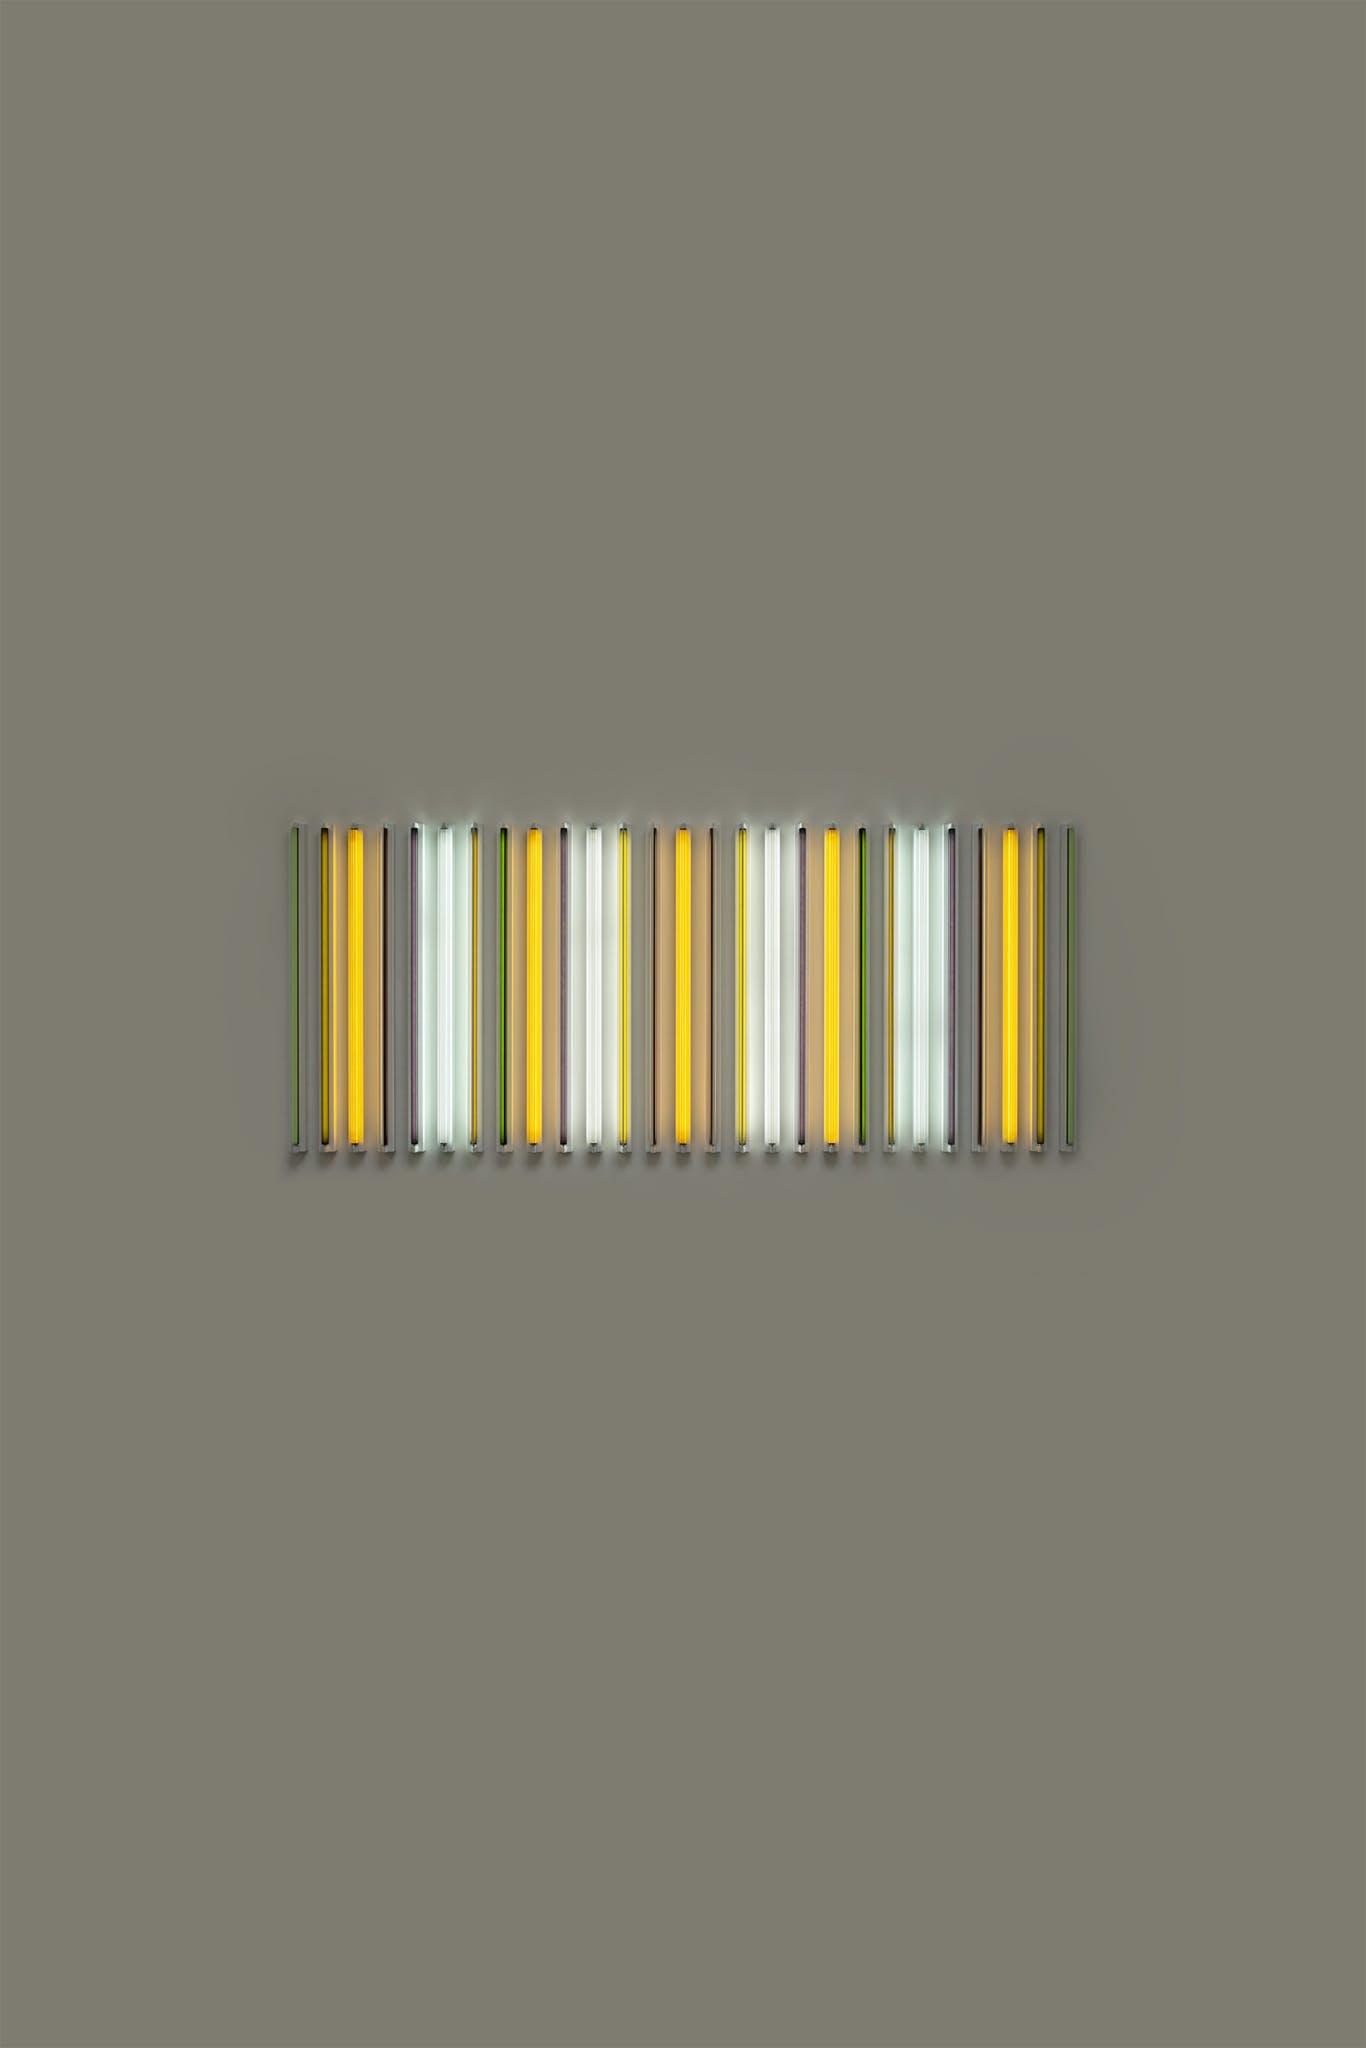 Bilde av lydinstallasjon med gule, grå, grønne og hvite lysrør